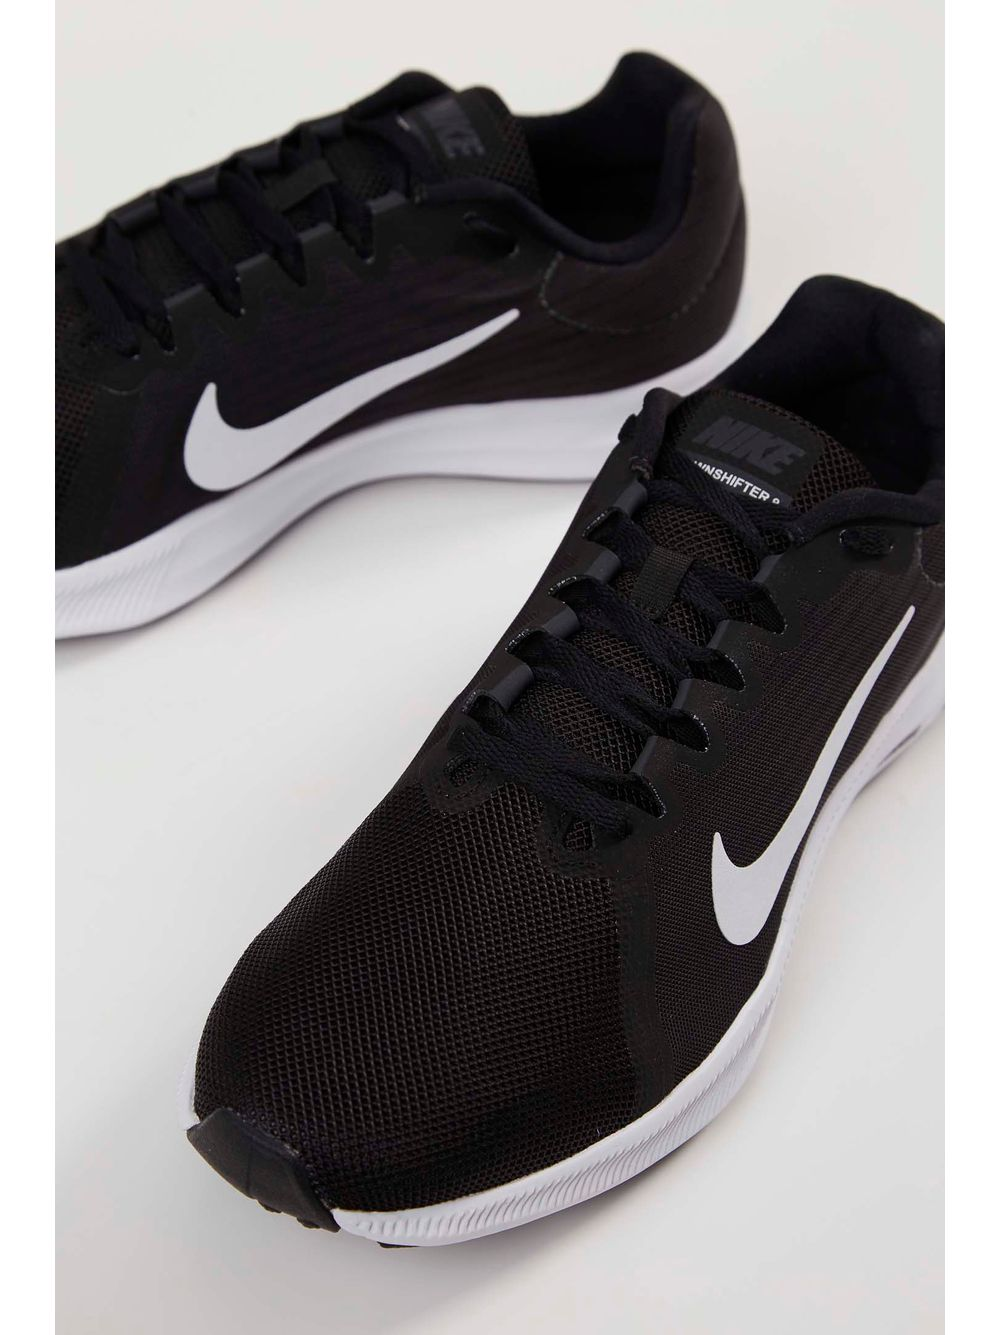 9439ace2379 Previous. Tenis-Corrida-Nike-Downshifter-Preto ...